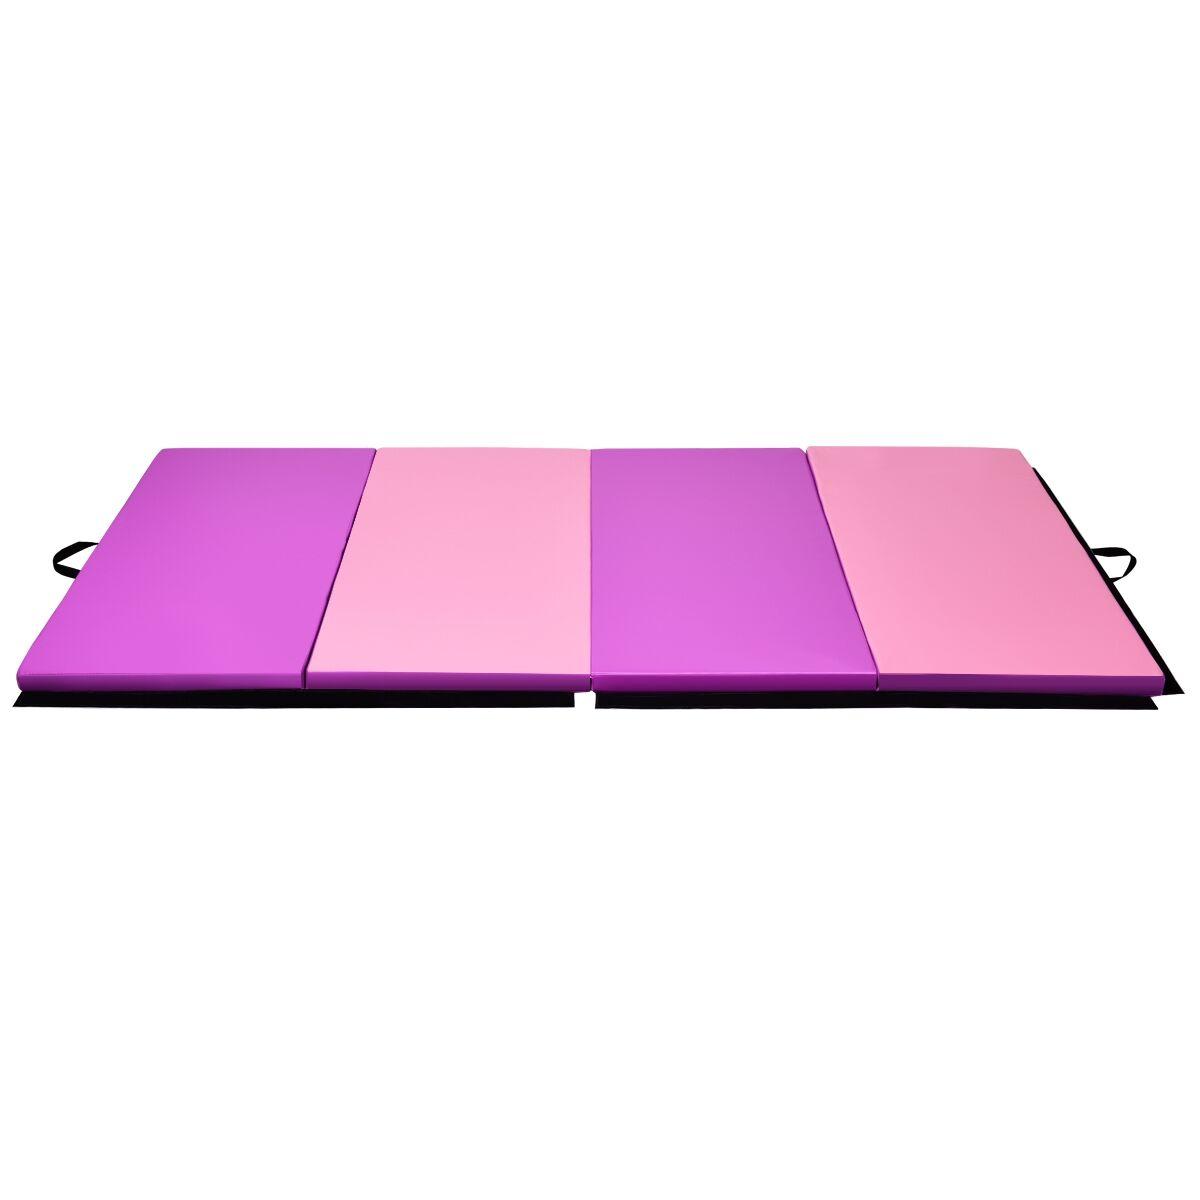 Costway Tapis de Gymnastique Pliable Tapis de Yoga Portable avec 2 Poignées de Transport et Velcro 240x120x5CM